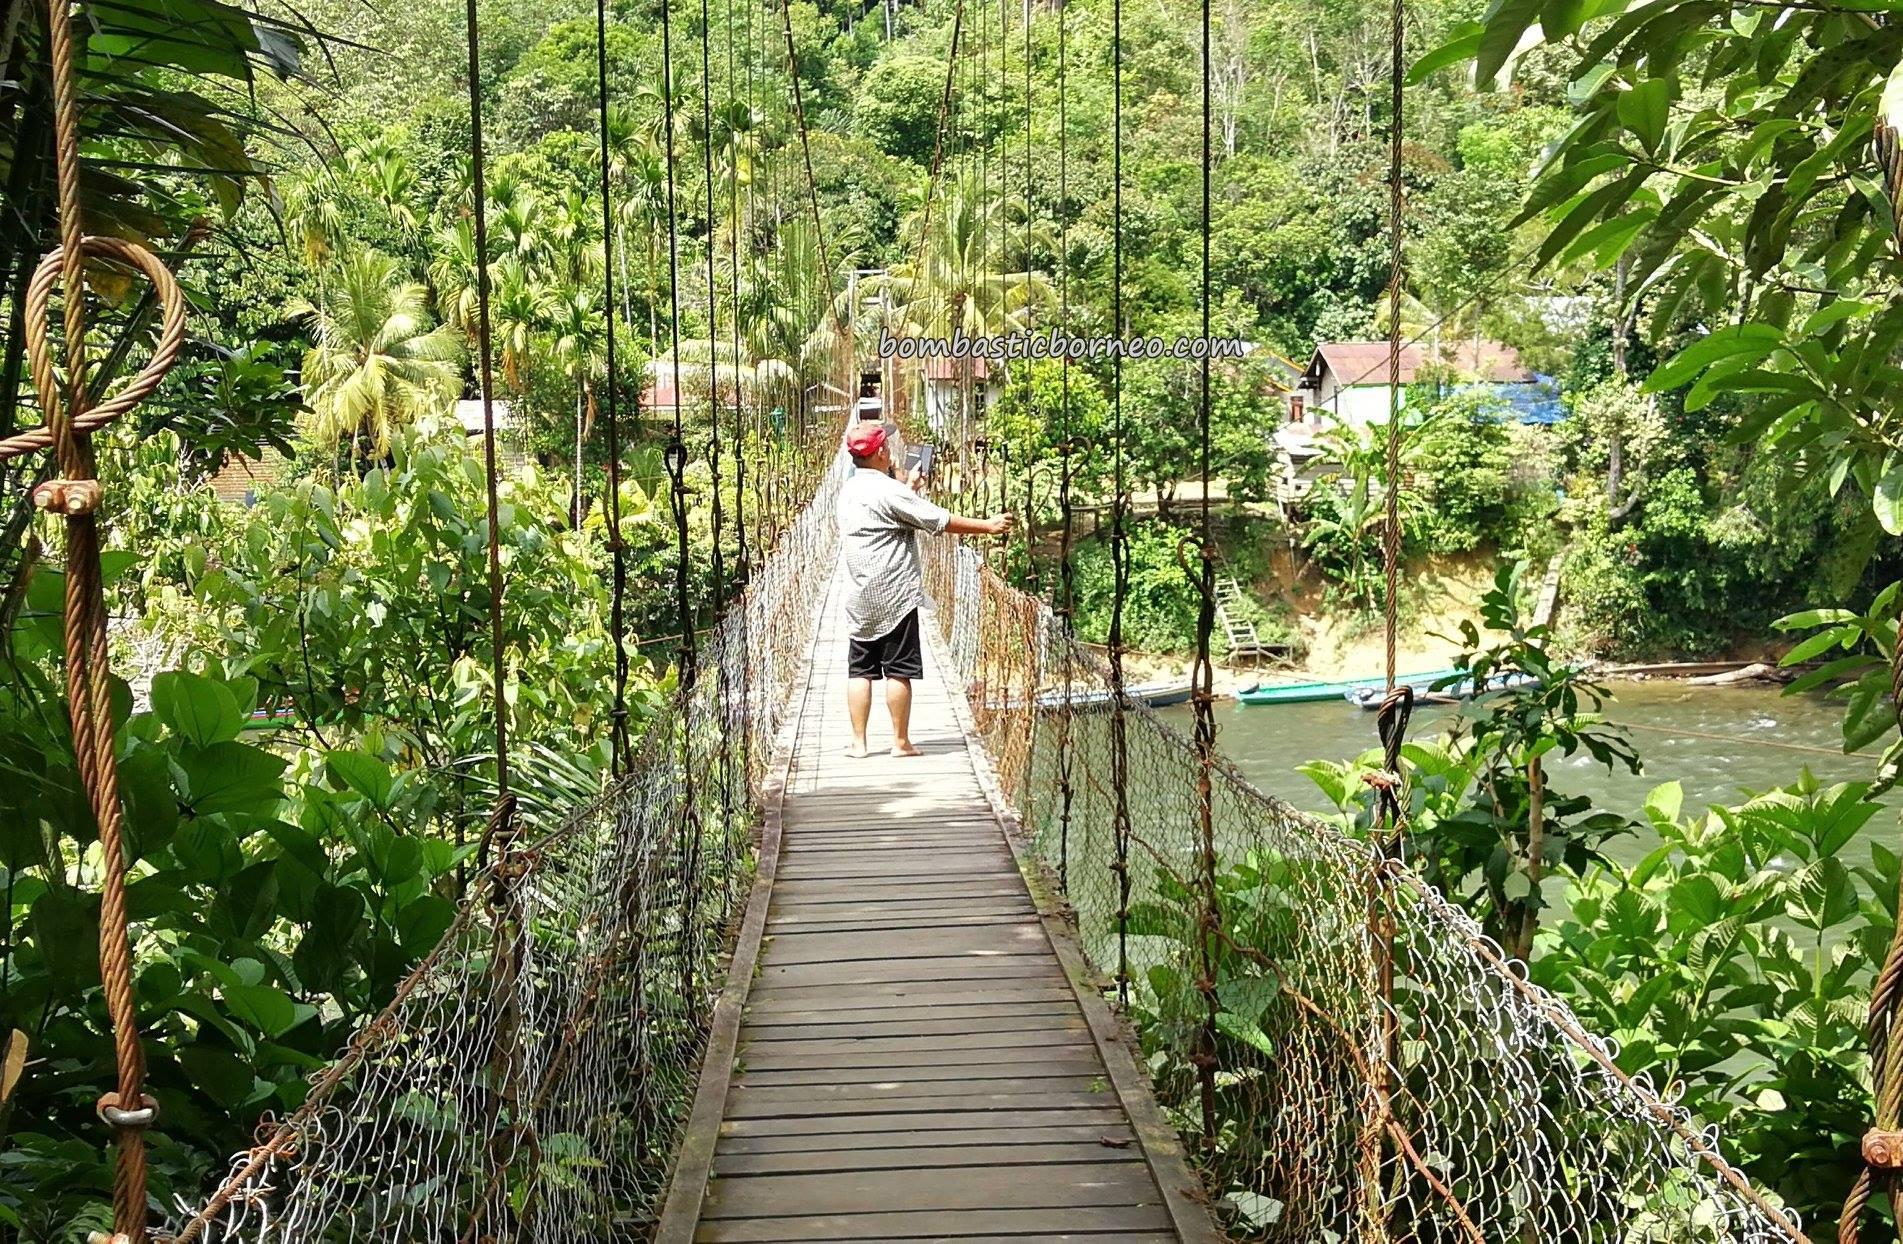 Suku Dayak Punan Hovongan, adventure, traditional, village, Borneo, Desa Bungan Jaya, Putussibau Selatan, Sungai Kapuas, indigenous, native, Tourism, travel guide, transborder, 西加里曼丹, 普南族部落